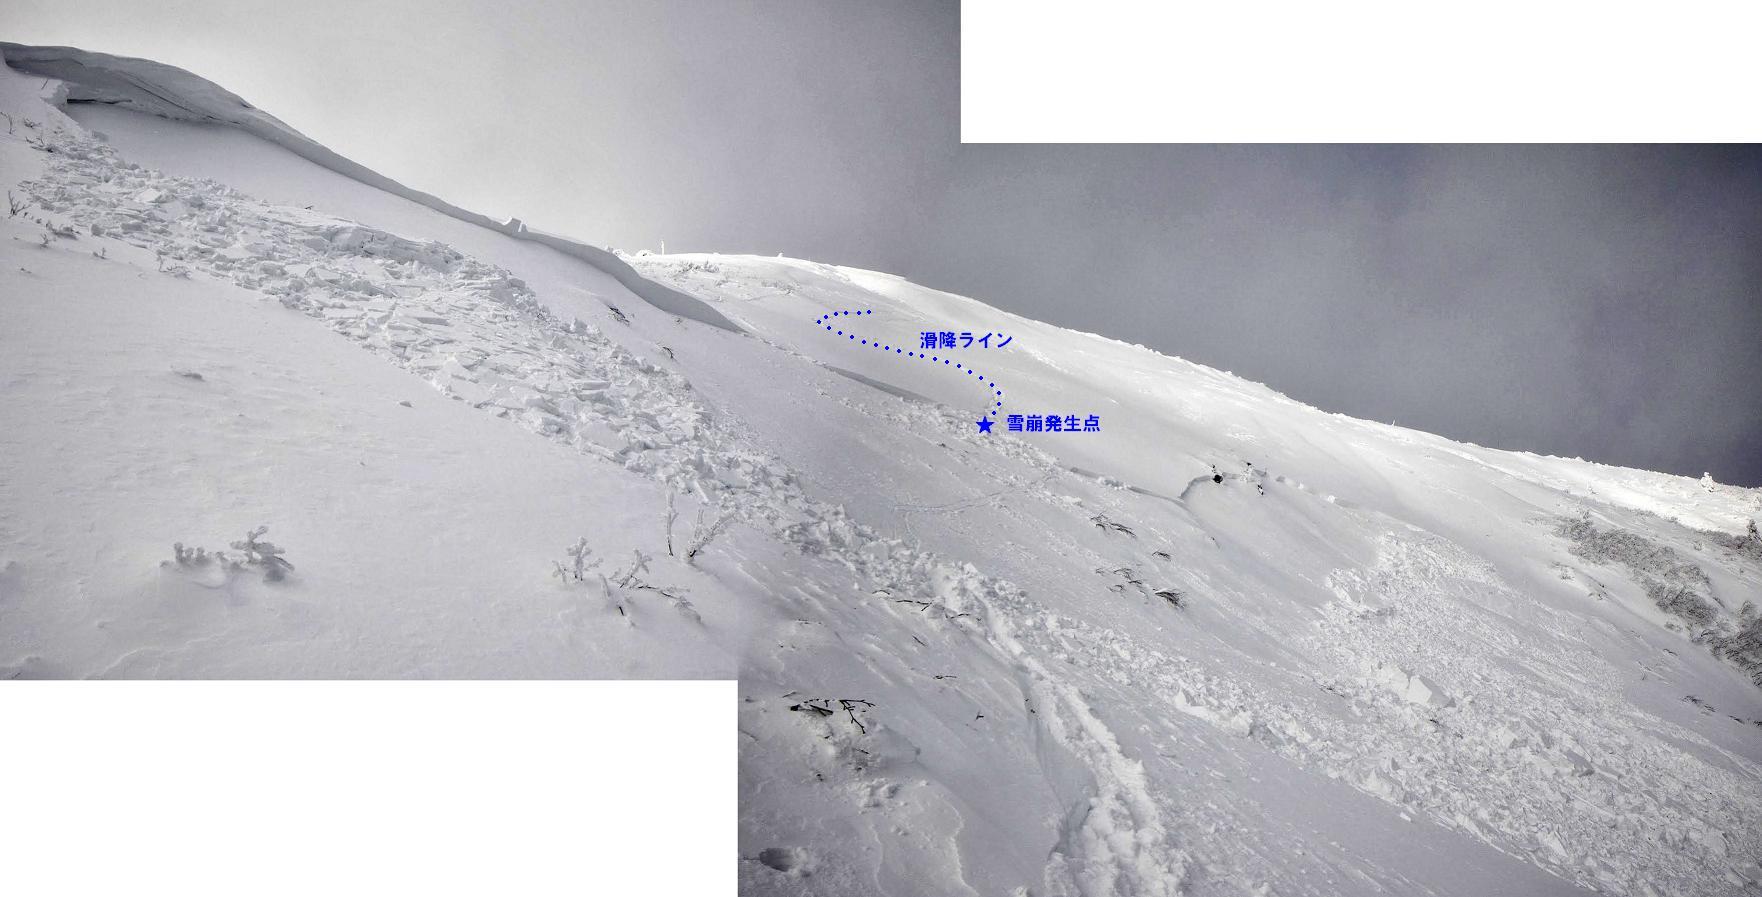 刈田岳井戸沢の雪崩について_f0170180_1932192.jpg